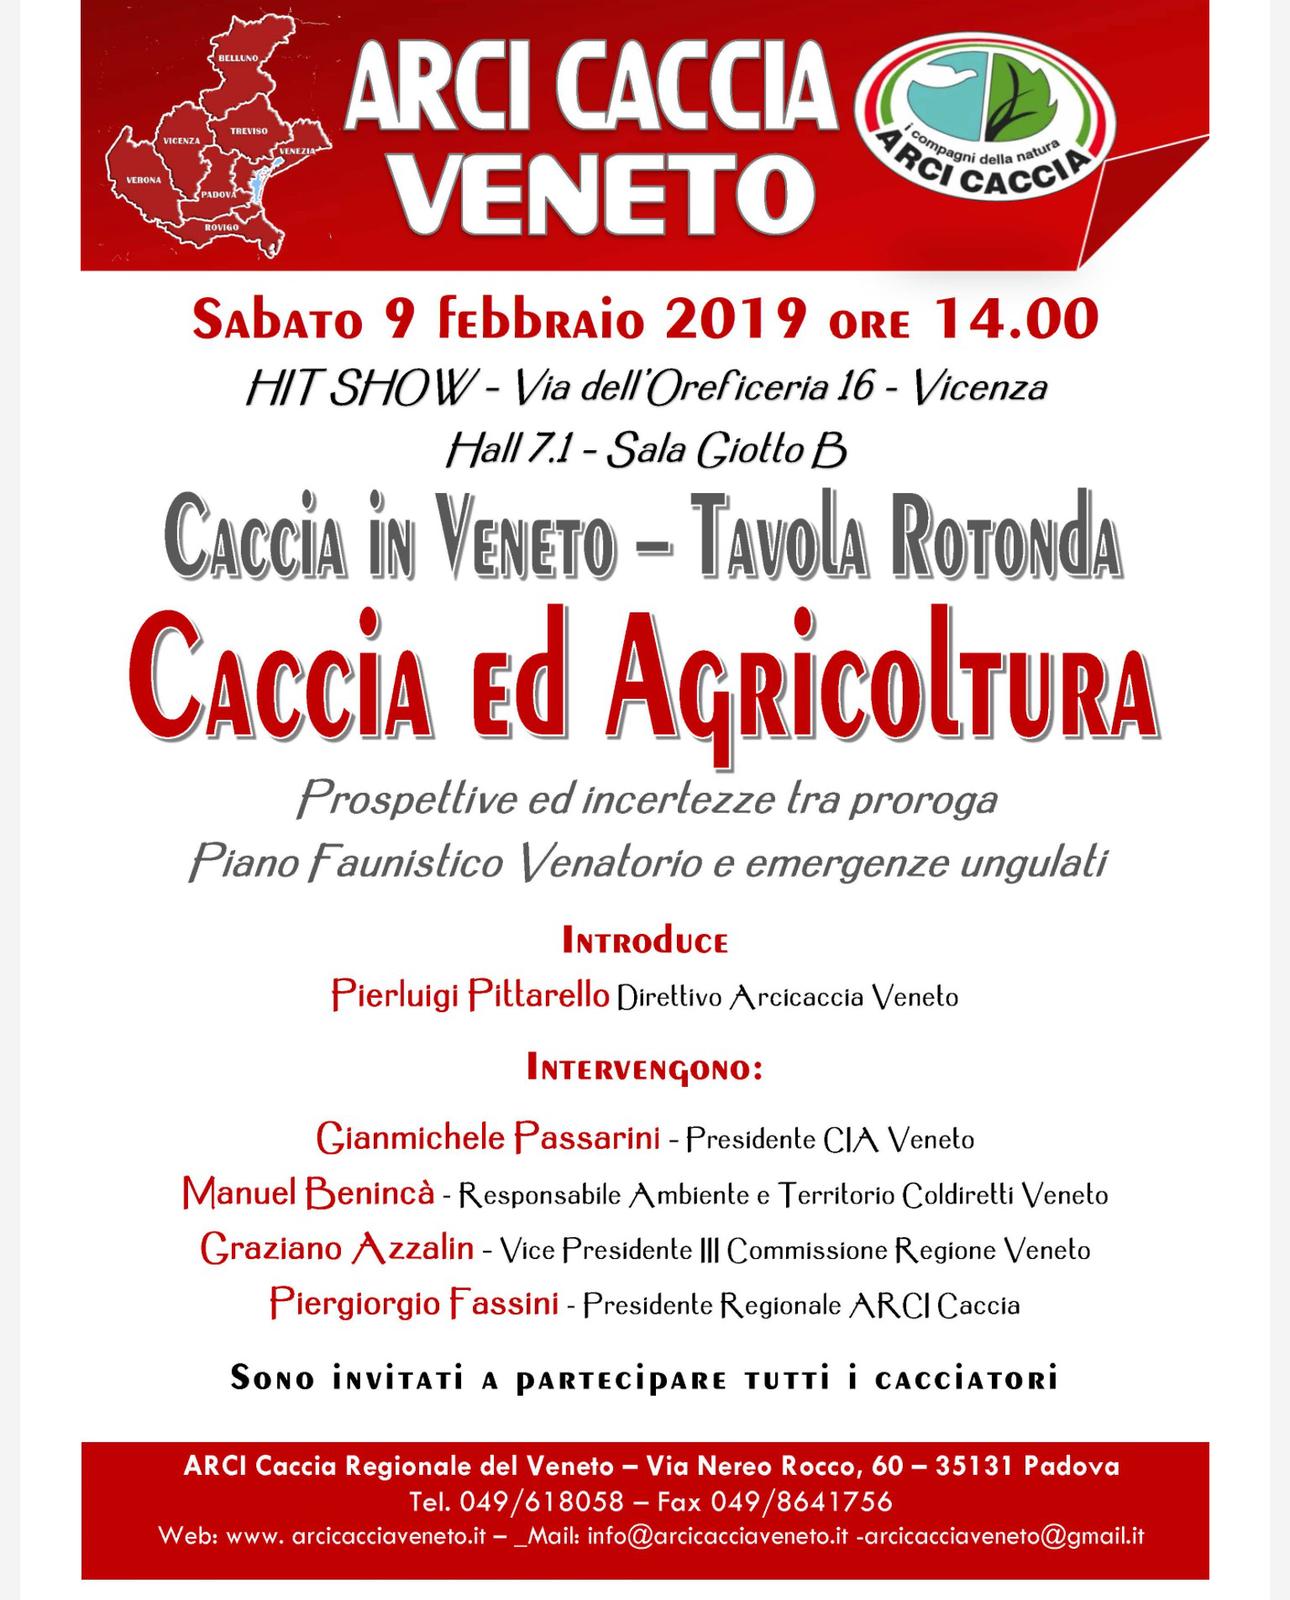 Fiera di Vicenza - Convegno